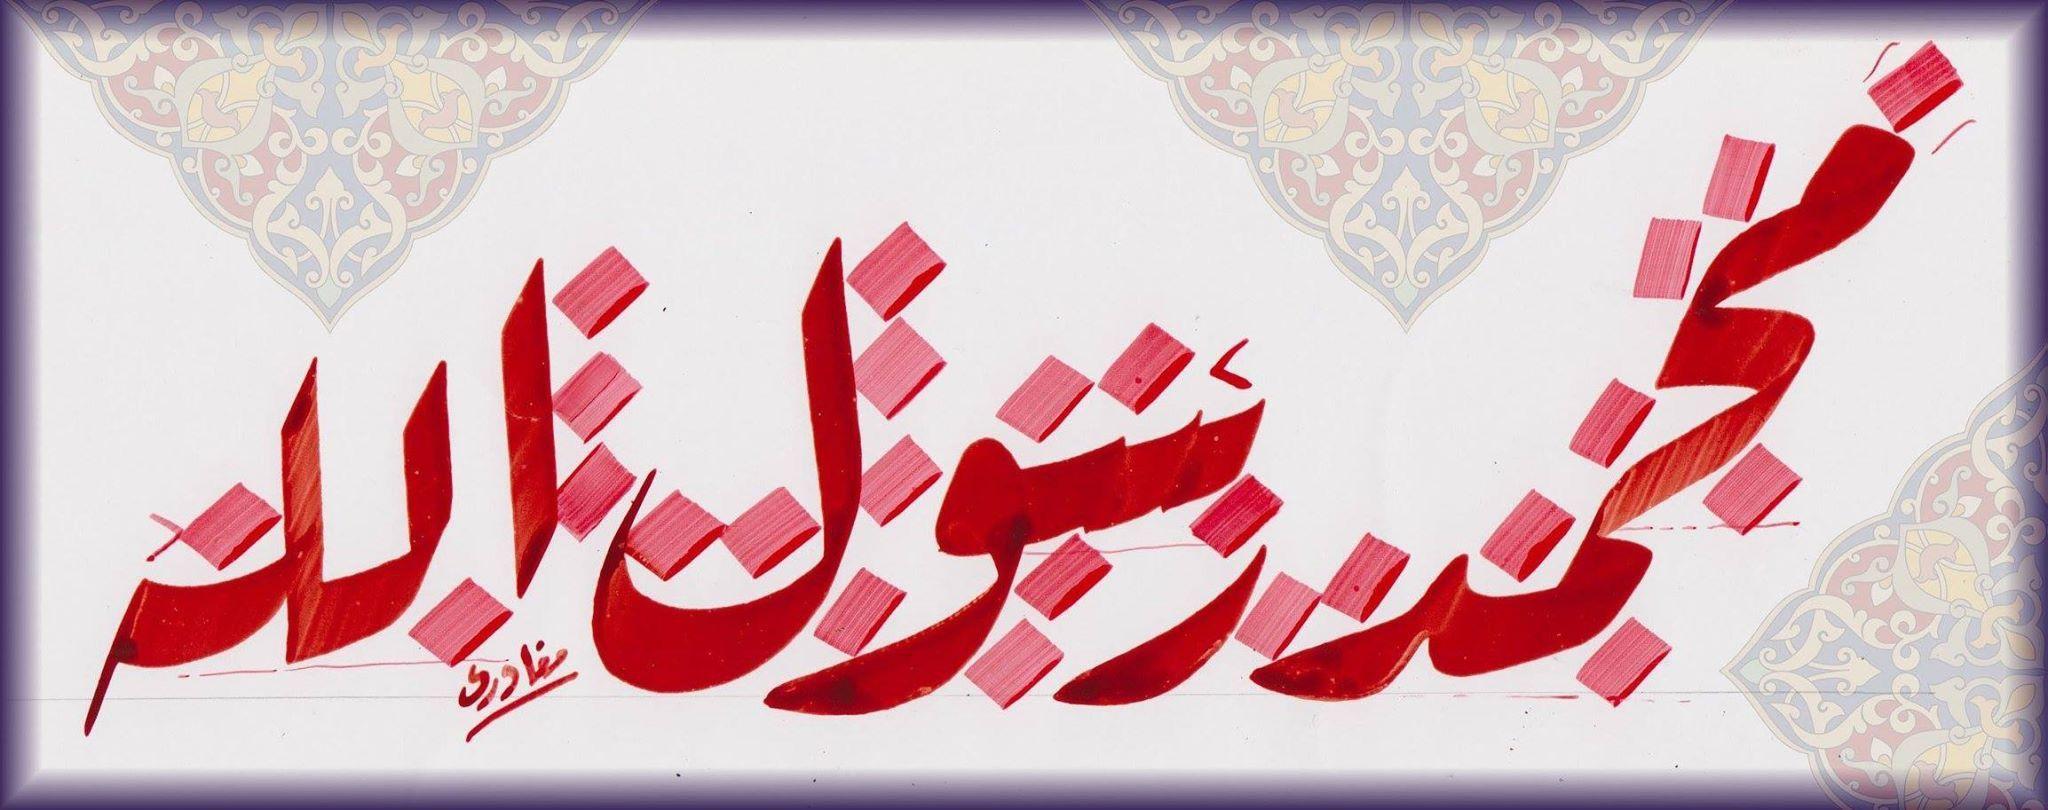 سوف الجين adlı kullanıcının rika panosundaki Pin Islami